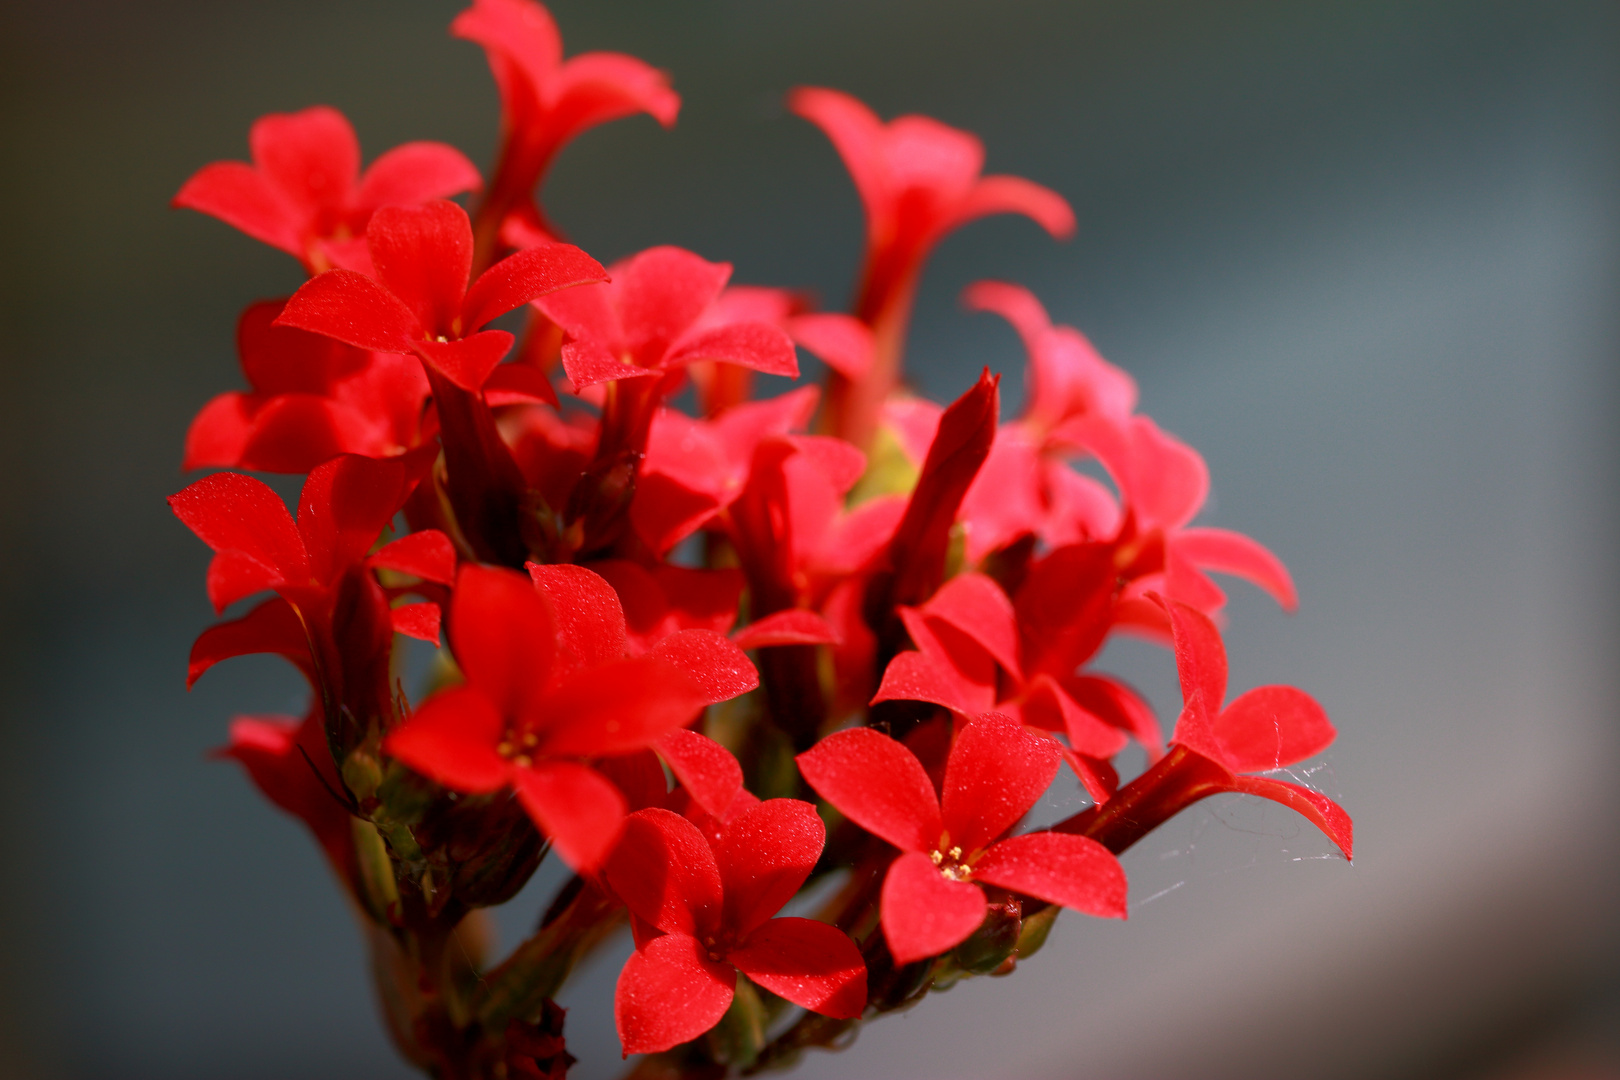 Makro Blume Flammende Käthe